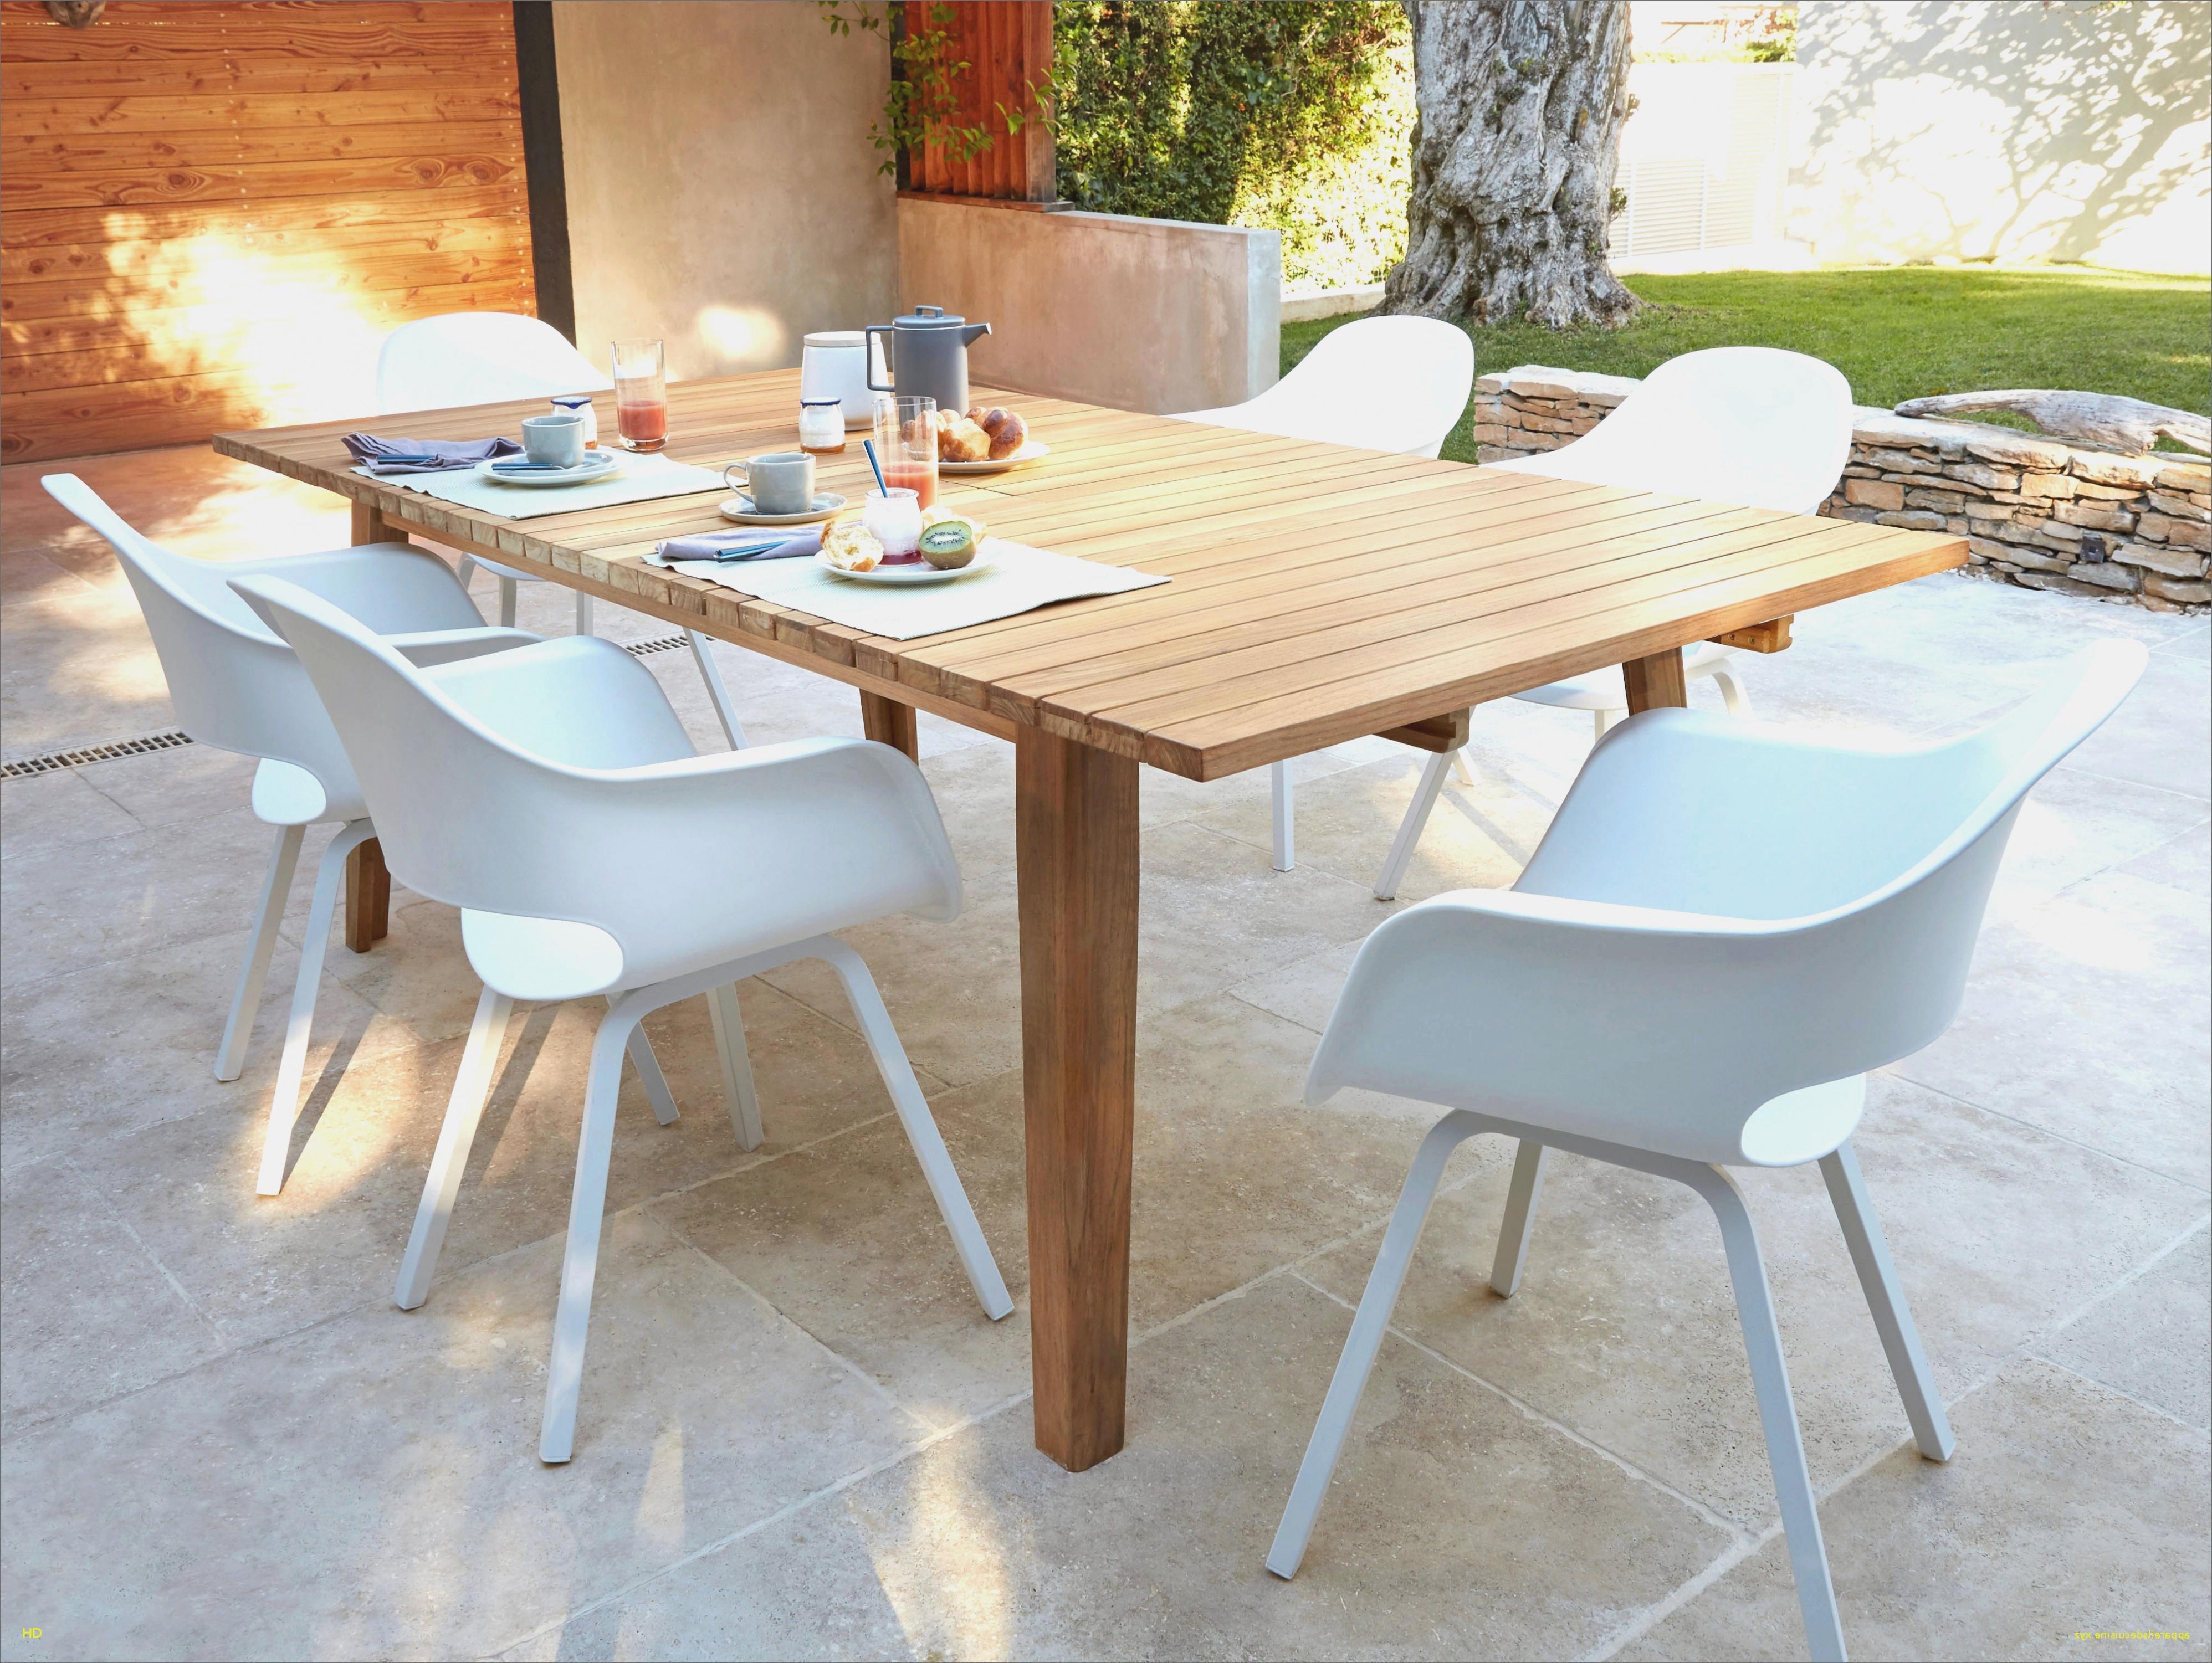 Table Kettler solde Luxe Photos Maha De Table Pliante Metal Mahagranda De Home